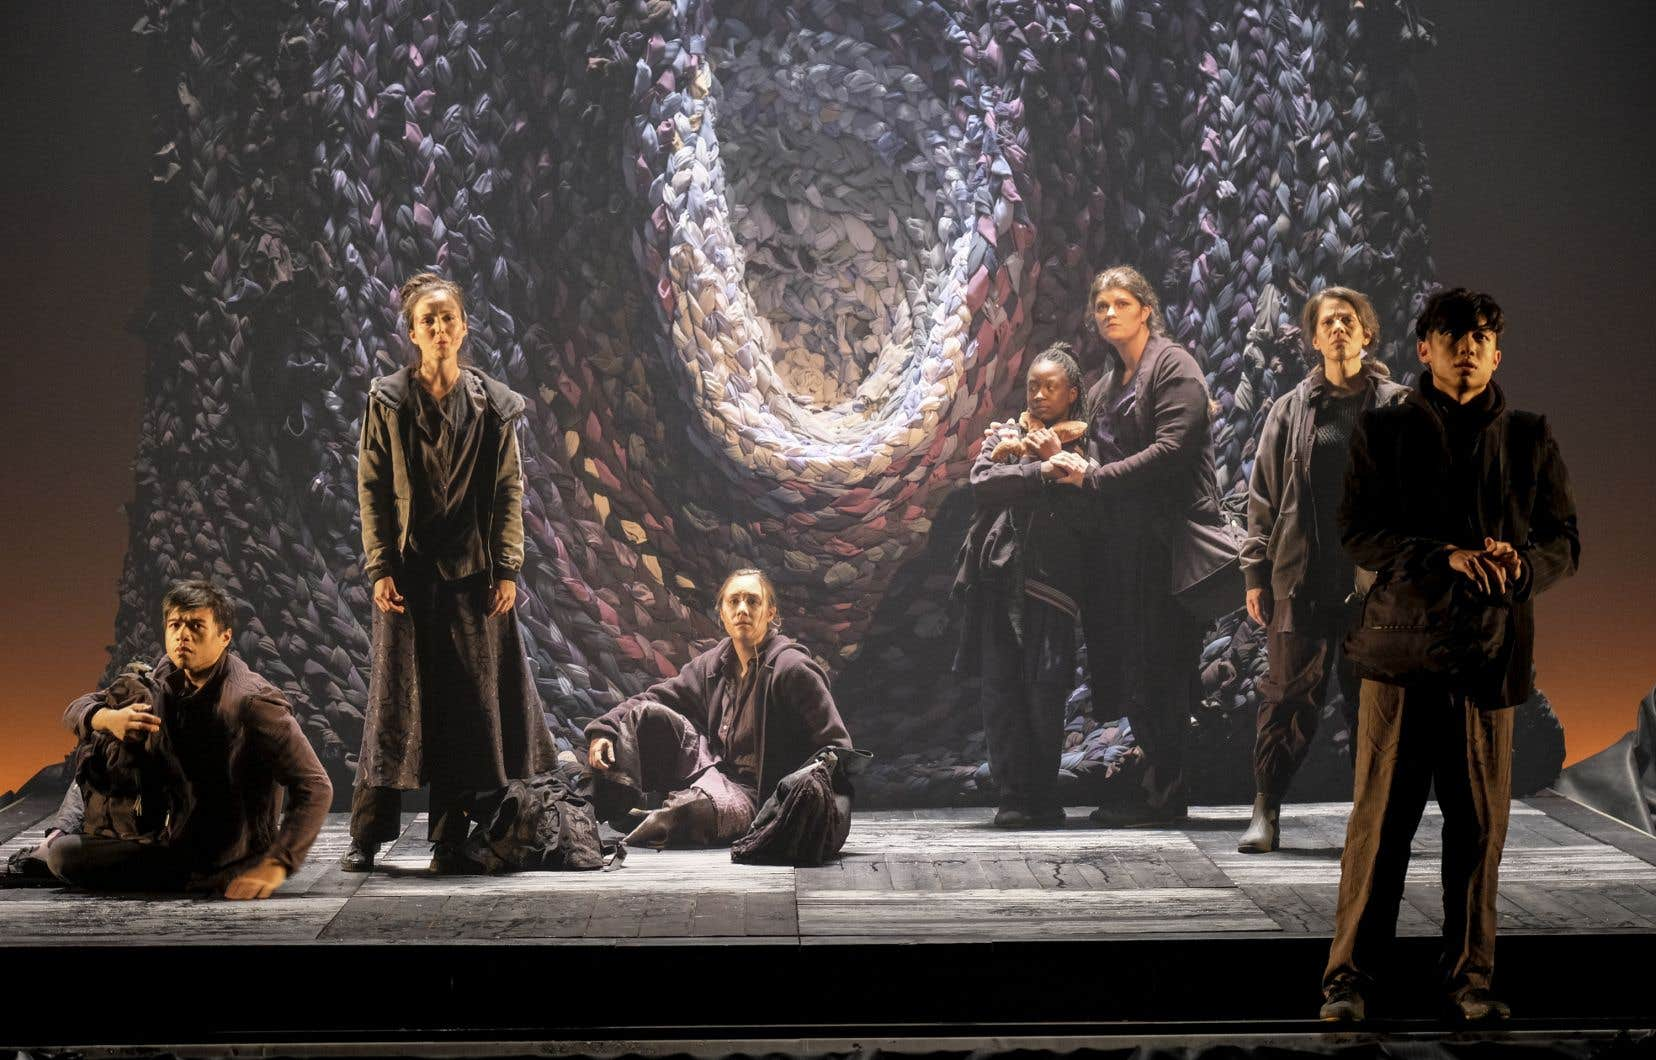 L'Opéra de Montréal s'est allié avec la compagnie Ballet-Opéra-Pantomime (BOP) et I Musici pour habiller son espace lyrique automnal. Malgré le soin apporté, la production d'un diptyque marin comprenant la création d'un opéra d'Hubert Tanguay-Labrosse pâtit de compromis regrettables.